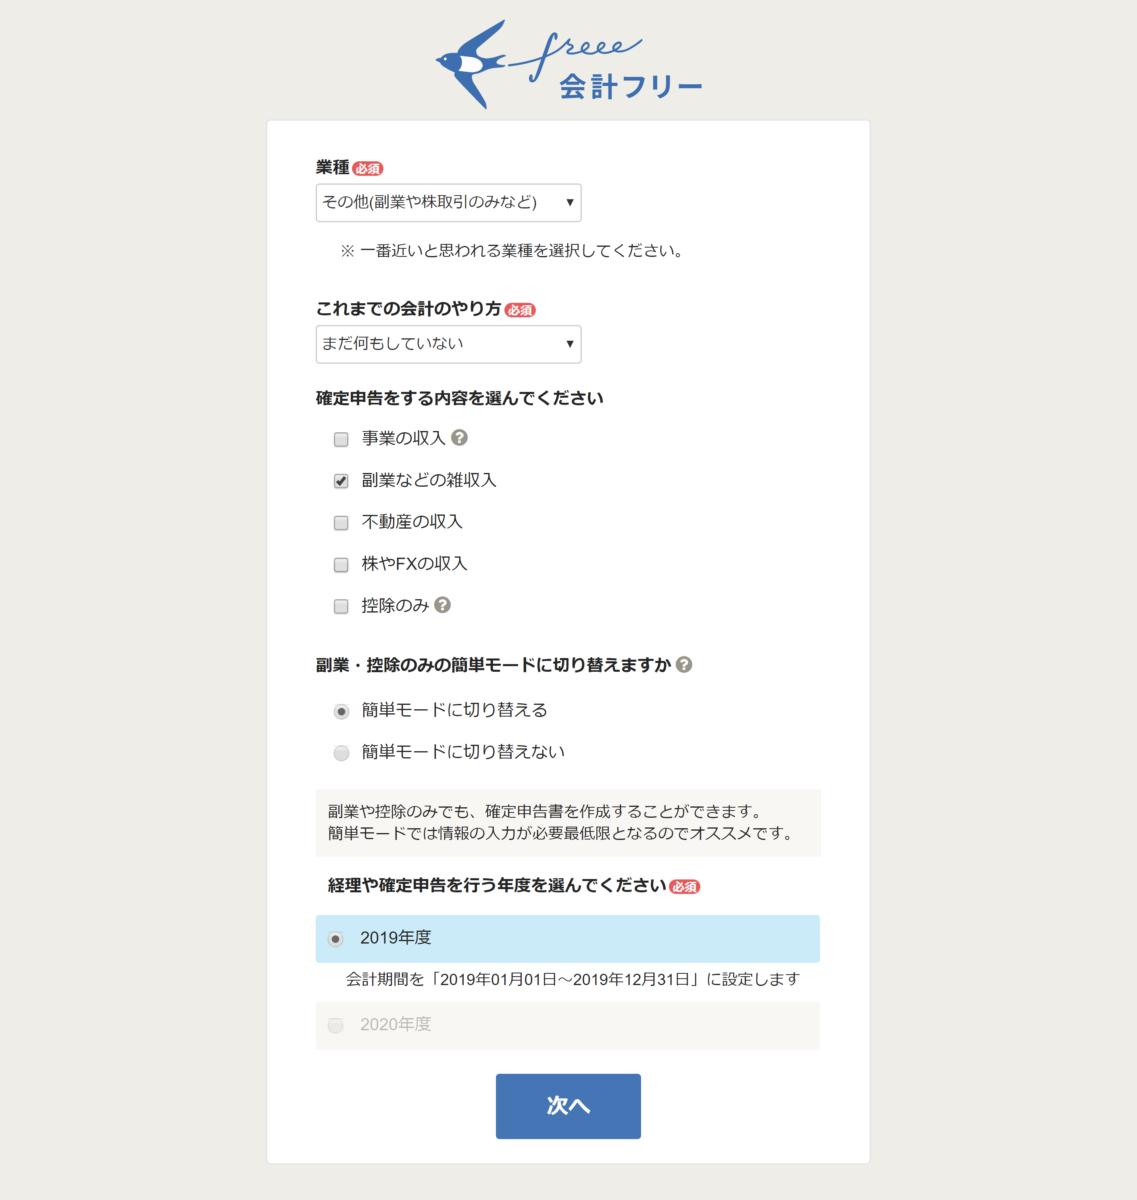 【会計freee】確定申告の選択画面